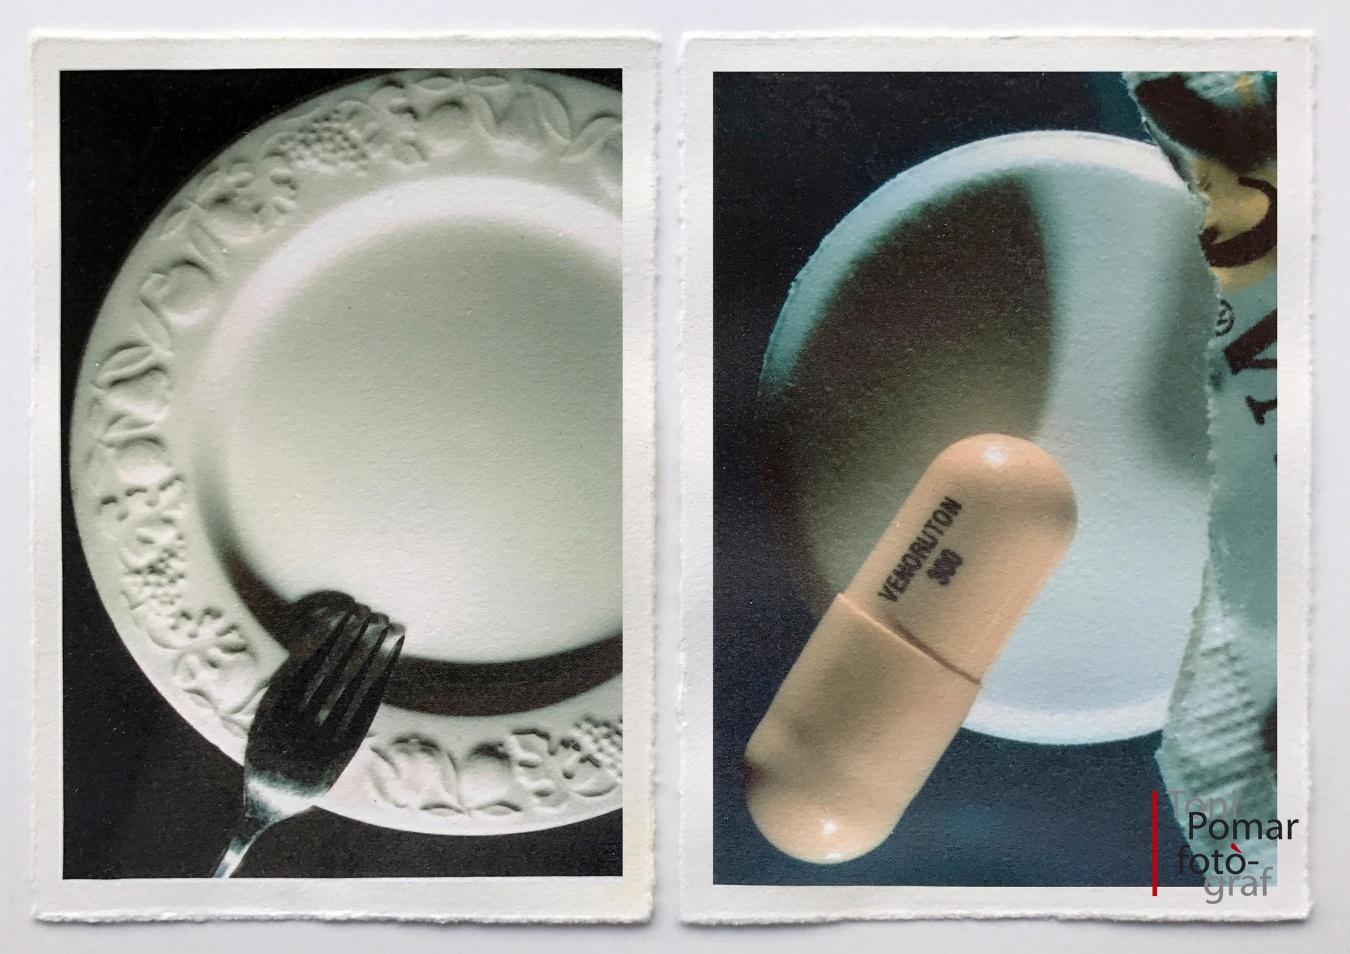 Ç - Plat blanc amb forquilla   ç - Aspirina C amb càpsula groga - Alfabet - Toni Pomar. Alfabet